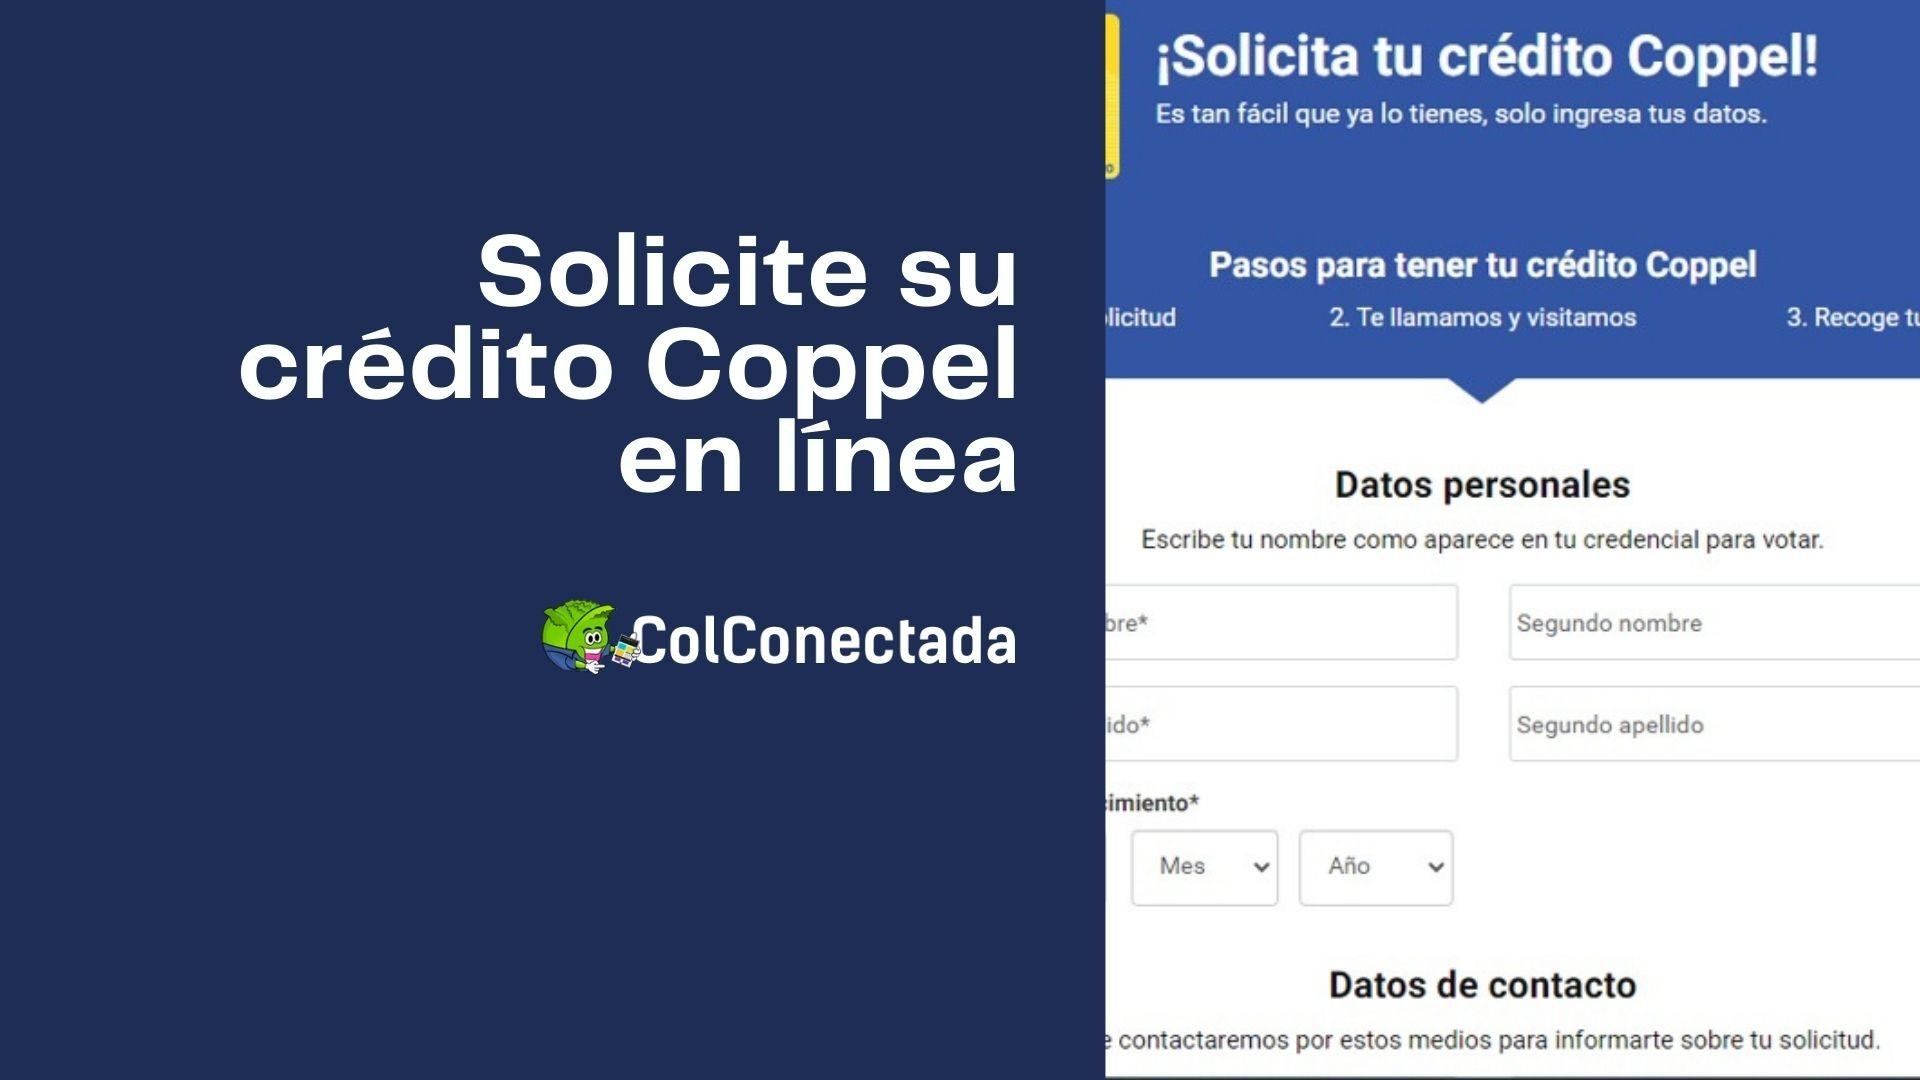 Crédito Coppel: Requisitos y solicitud de préstamo en línea 1